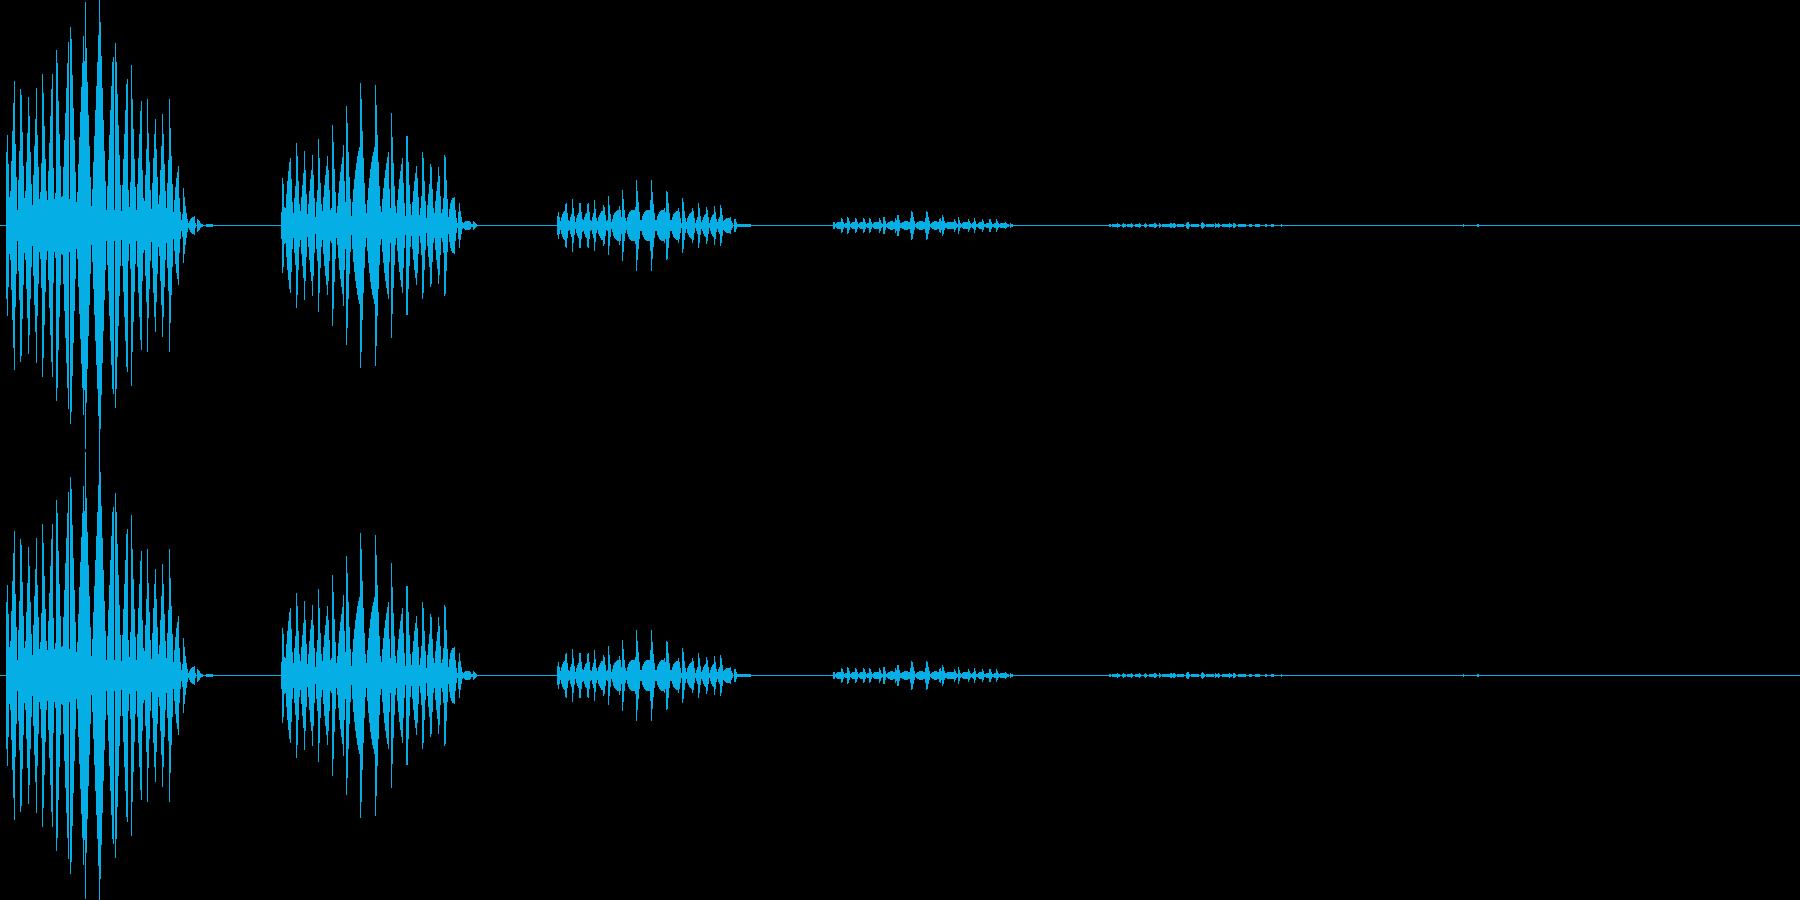 ブブン(キャンセル、モニタ表示、間違い)の再生済みの波形